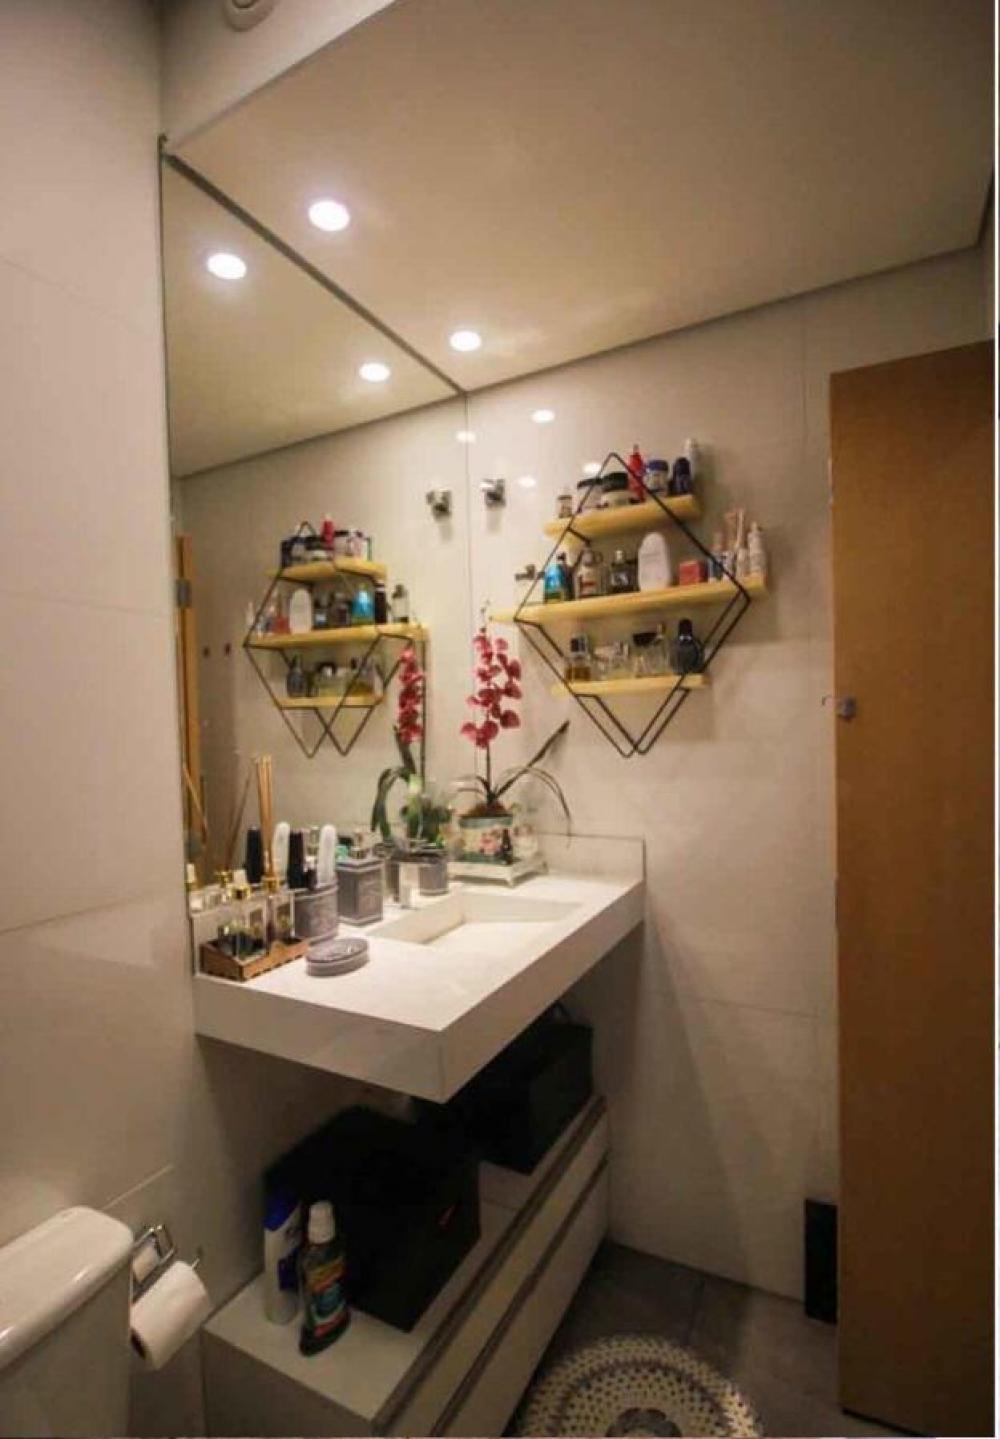 Comprar Apartamento / Padrão em São Paulo R$ 480.000,00 - Foto 19